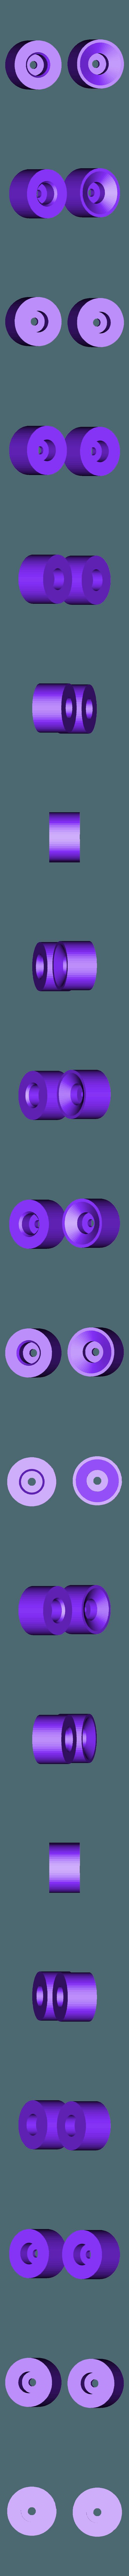 roller_skate_wheel.stl Télécharger fichier STL gratuit Roue de patin à roulettes quadruple • Objet pour imprimante 3D, projectileobjects